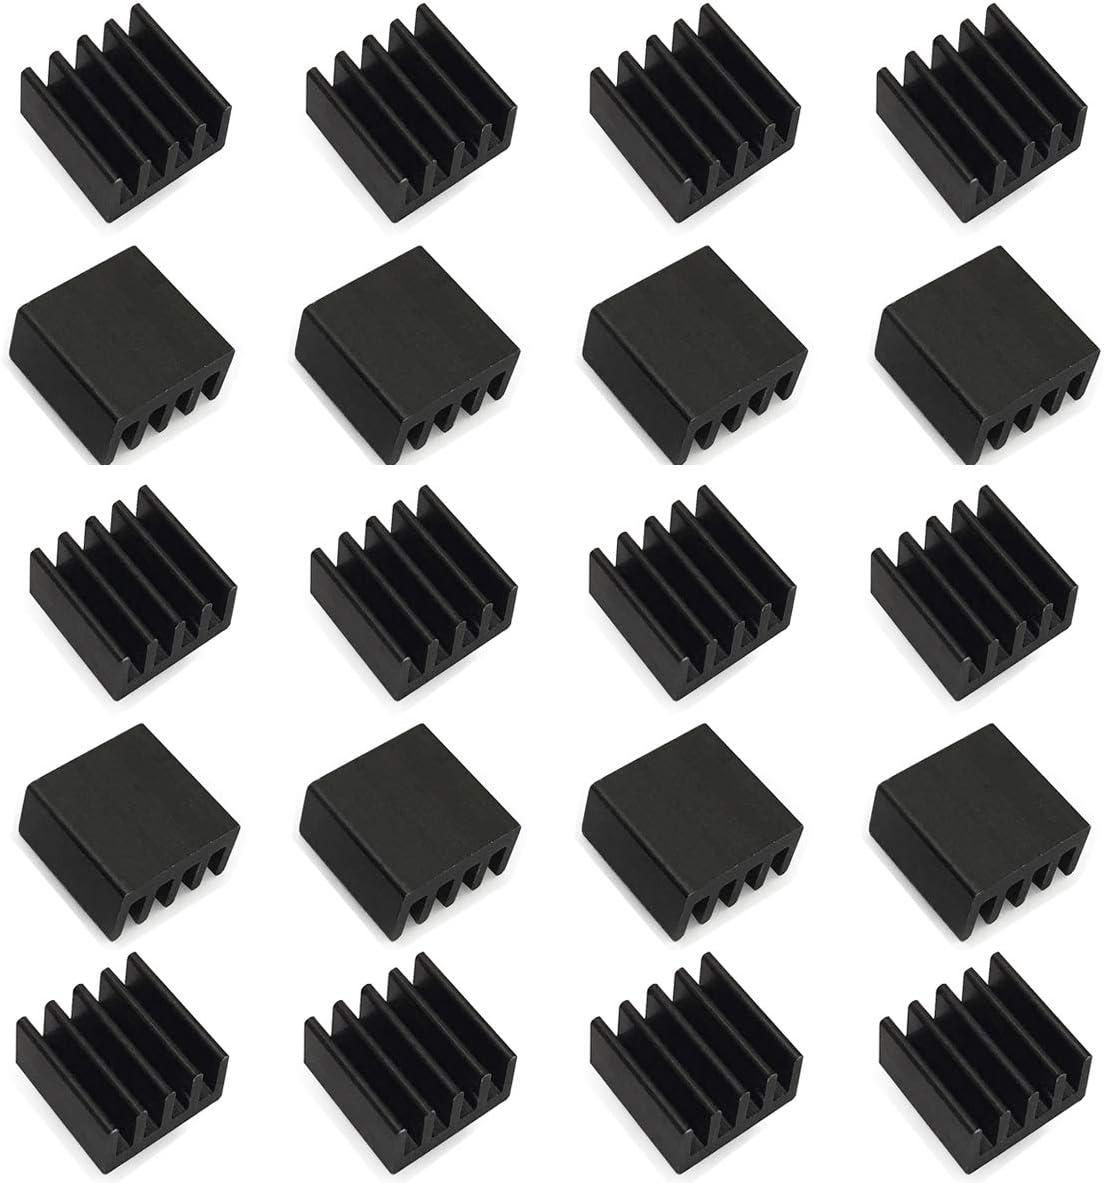 20 Pcs Mini Heatsink 8.8x8.8x5 mm / 0.35'' x 0.35'' x 0.20'' -Small Heat Sink for Cooling VRM Stepper Driver MOSFET VRam Regulators